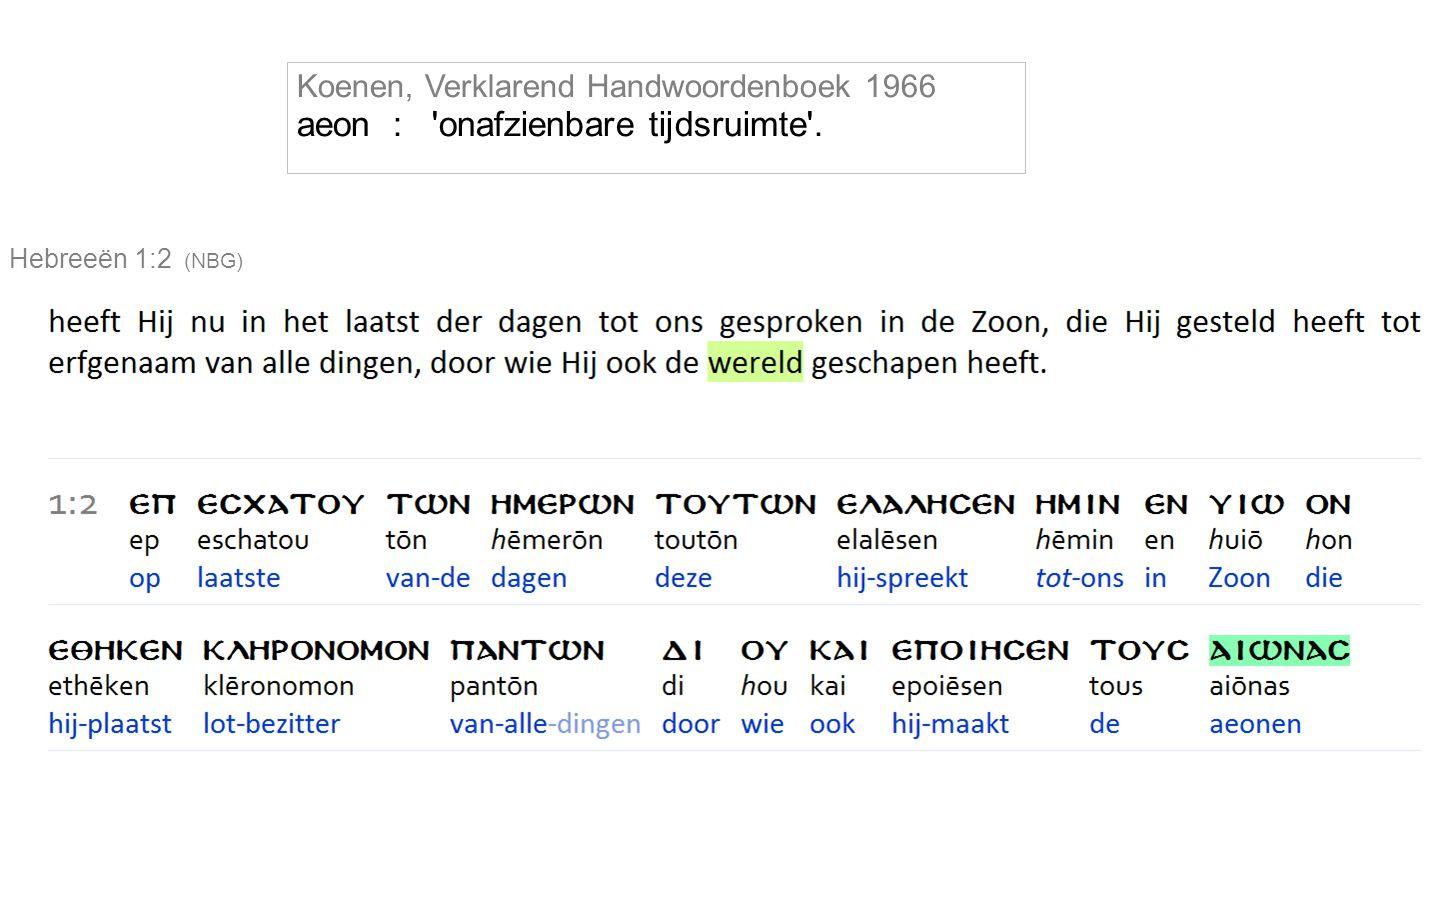 Koenen, Verklarend Handwoordenboek 1966 aeon : onafzienbare tijdsruimte . Hebreeën 1:2 (NBG)